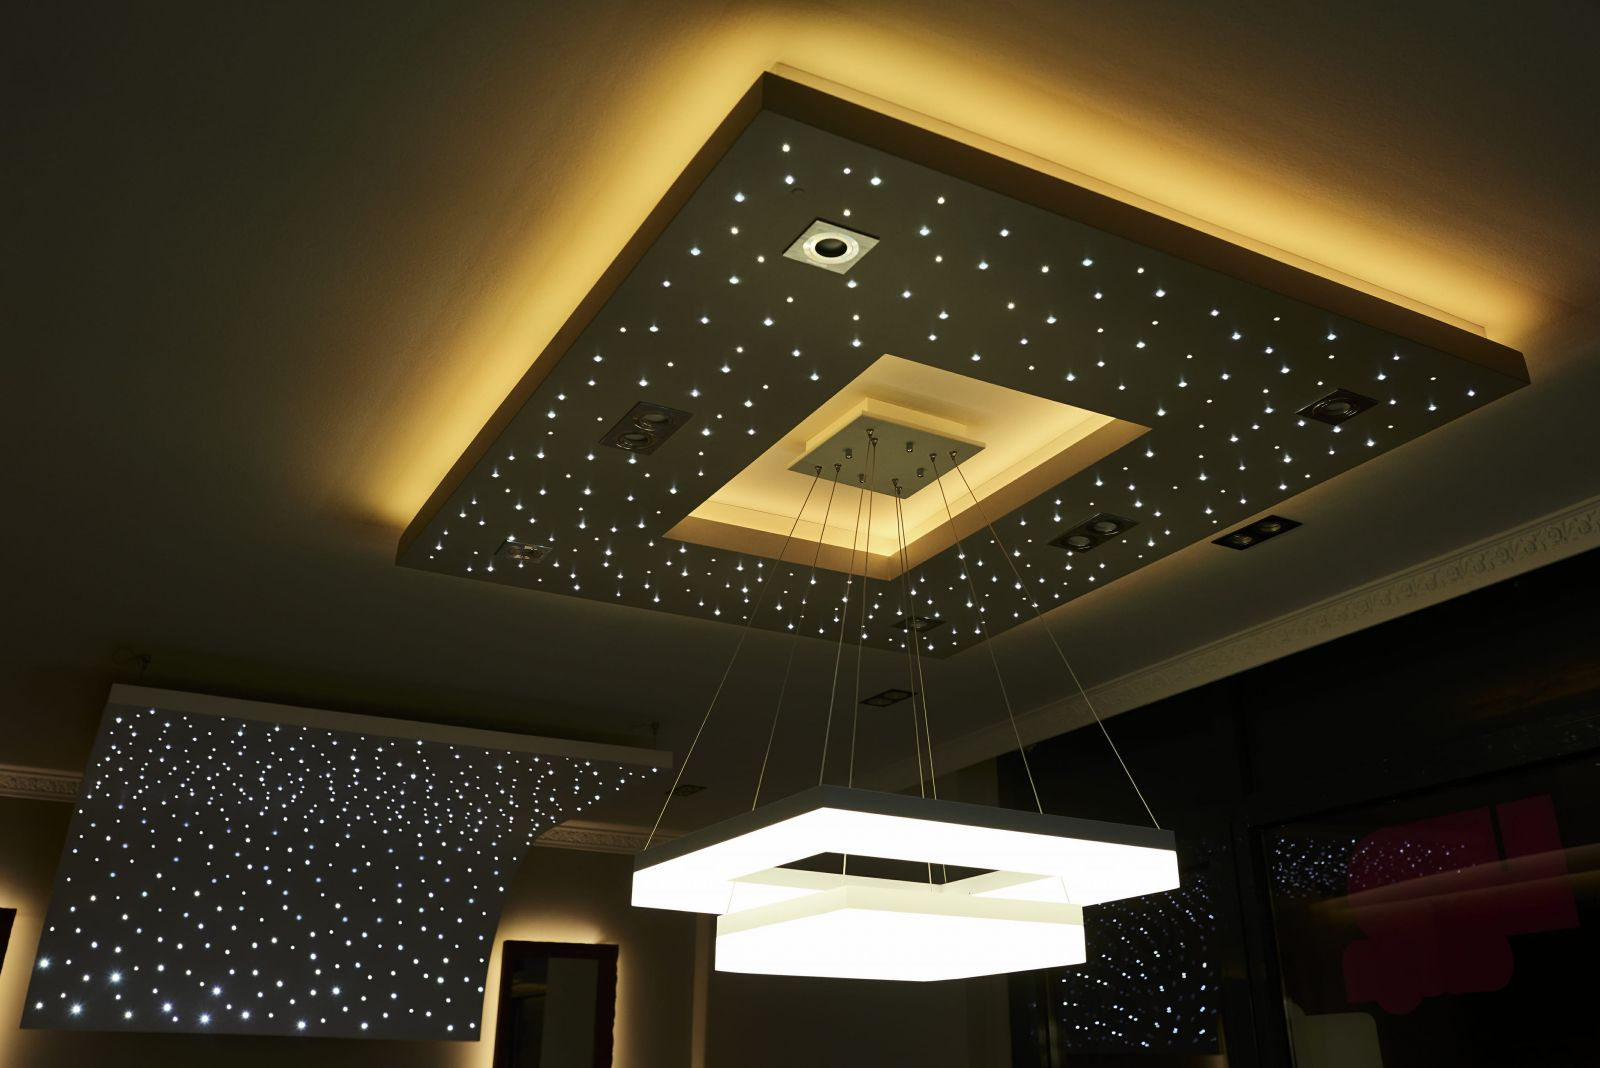 2c6e94cba1 Fontosnak tartod, hogy LED világításod amellett, hogy energiatakarékos még  esztétikus is legyen?